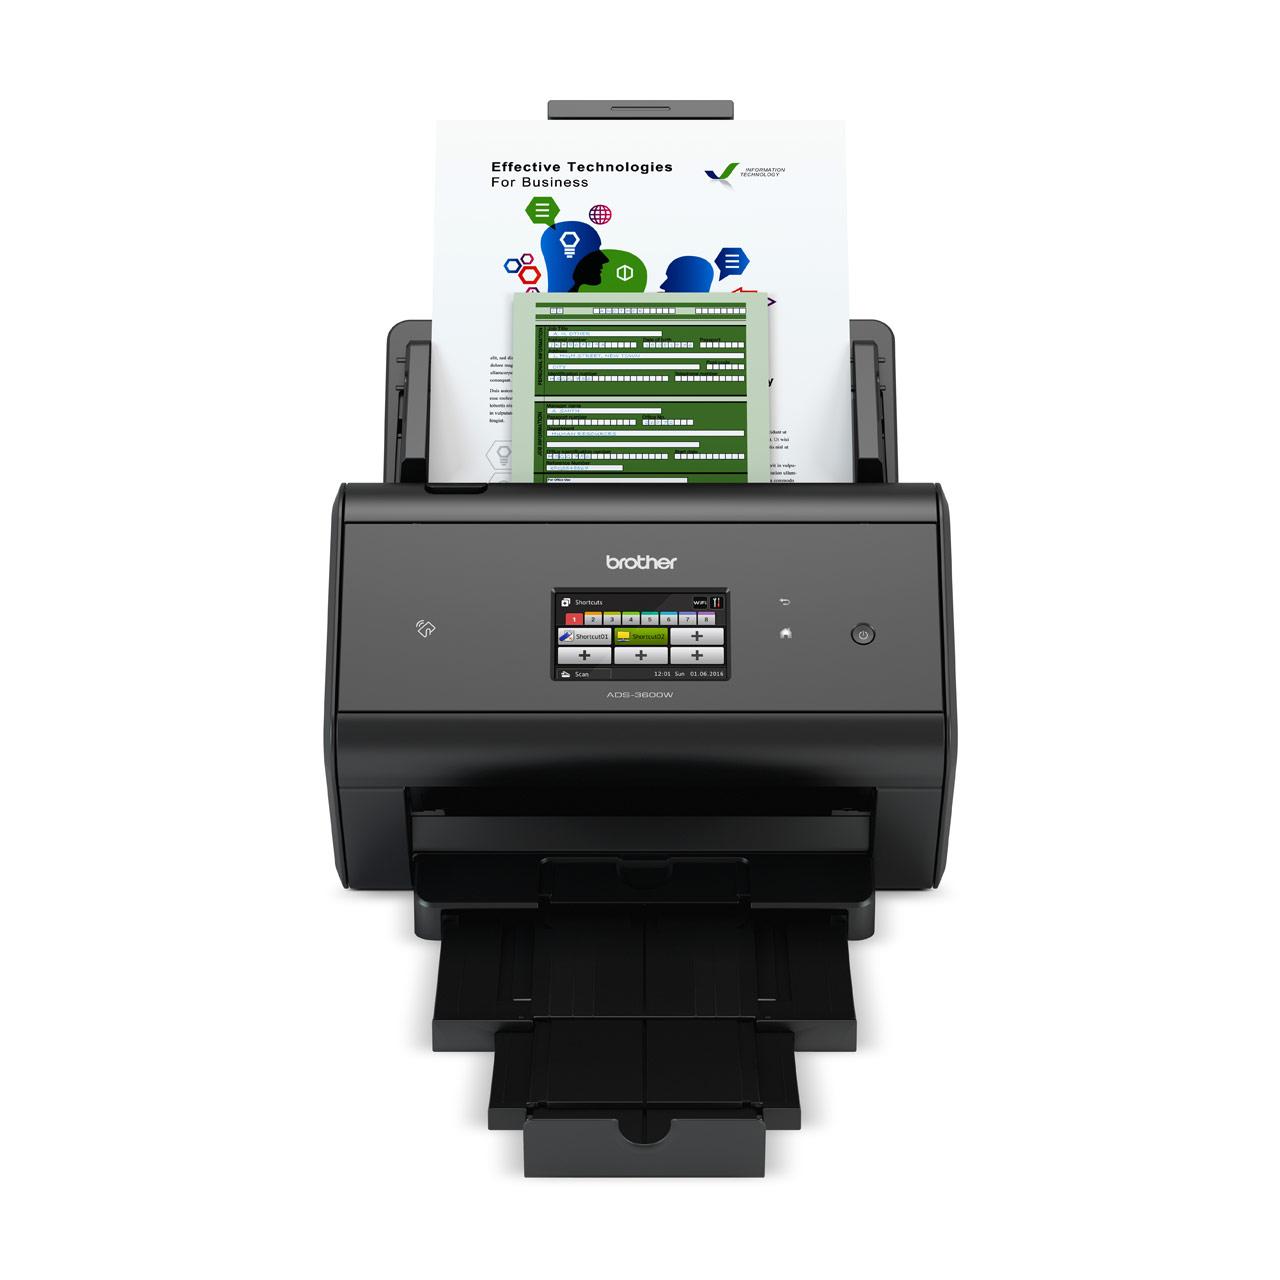 ADS-3600W, High-Speed Wired & Wireless Network Document Scanner ...